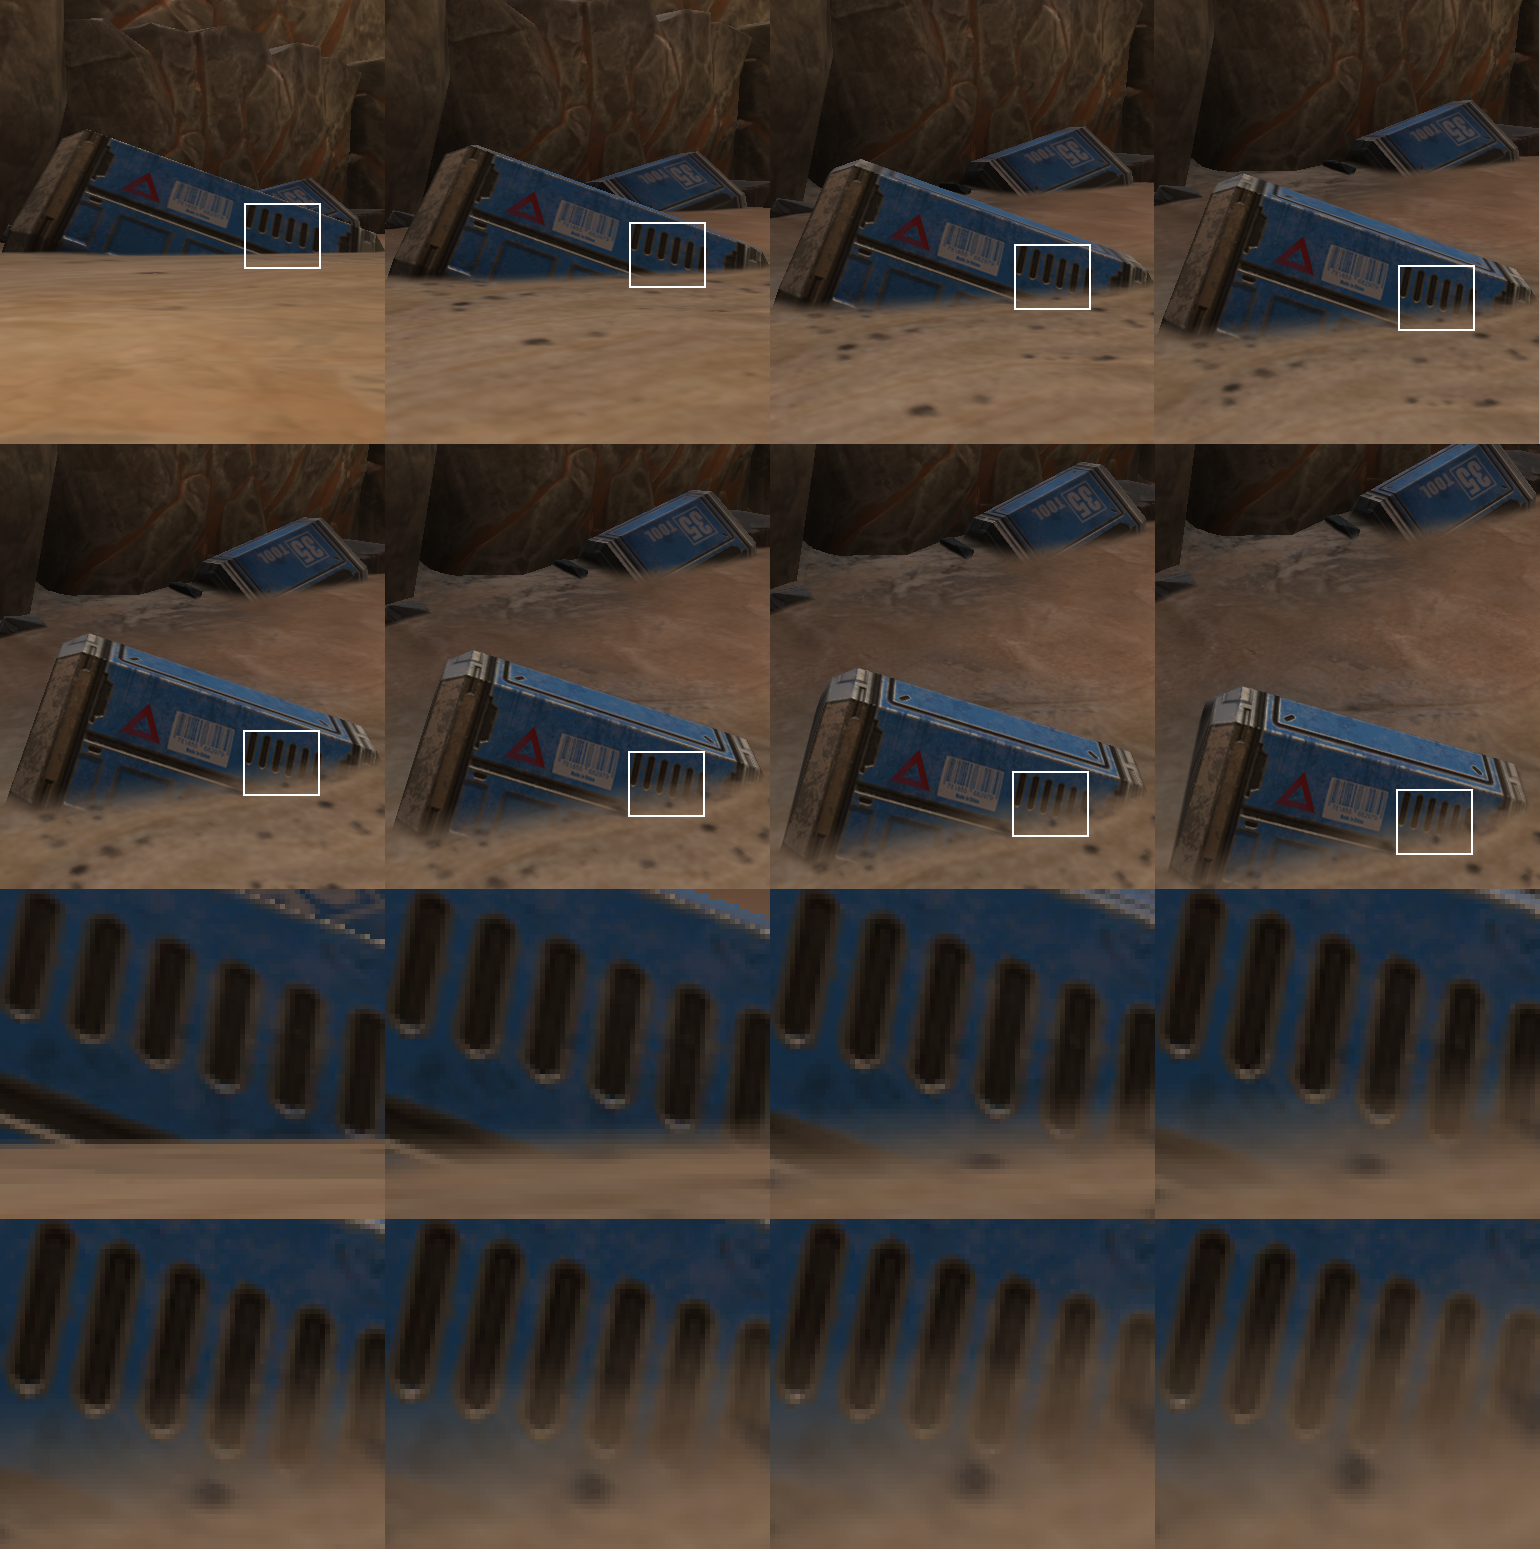 Блендинг и Unity Terrain: как избавиться от пересечений и перестать делать глазам больно - 8